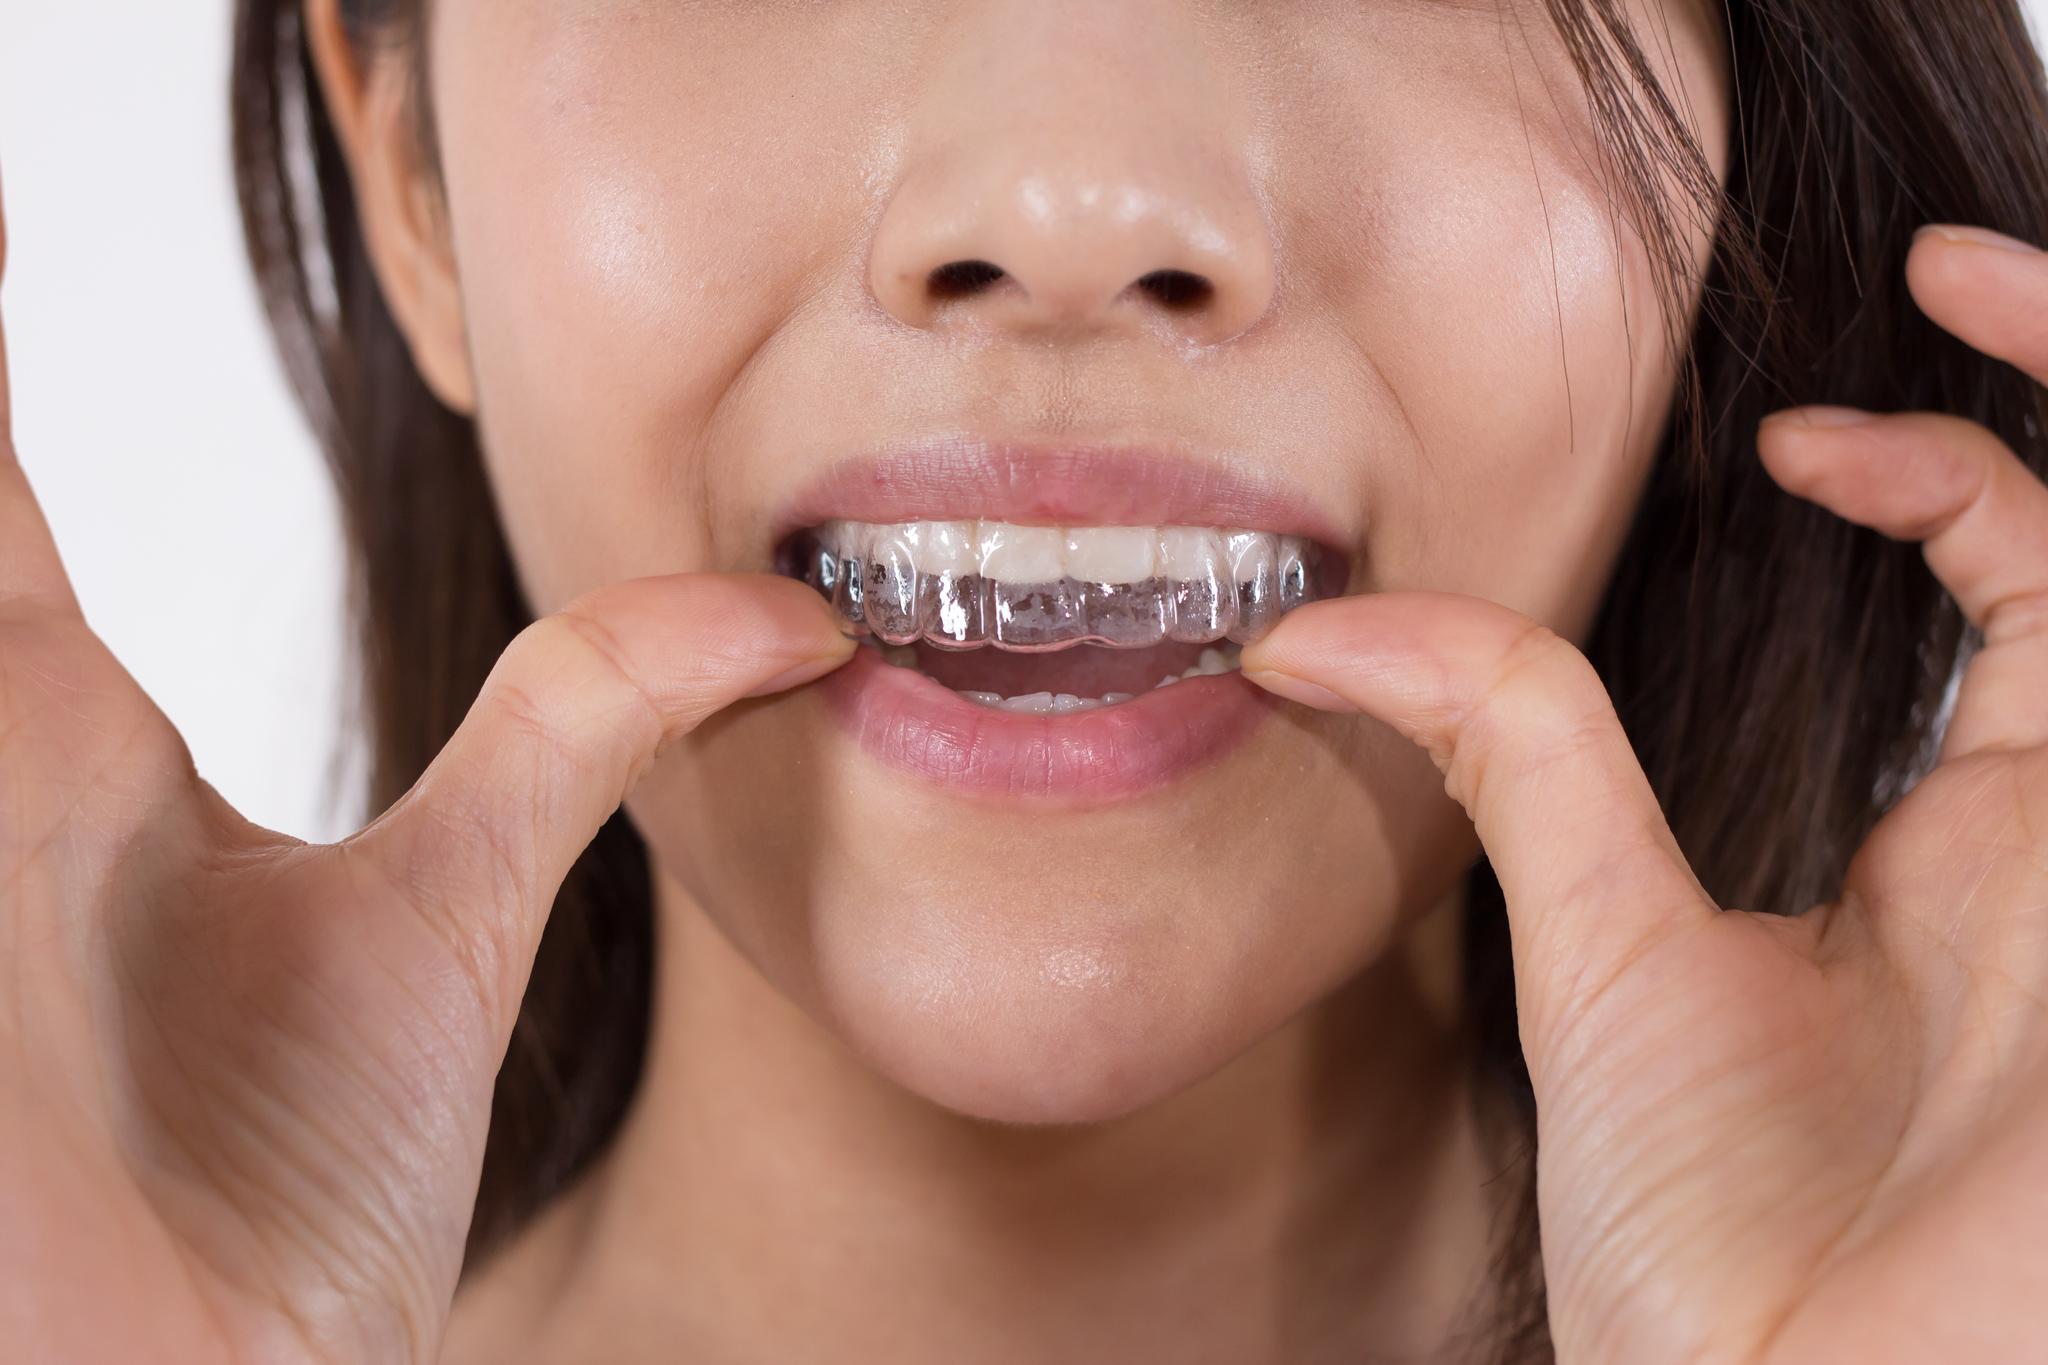 치아교정. (※이 사진은 기사 내용과 직접적인 관련이 없습니다) [중앙포토]